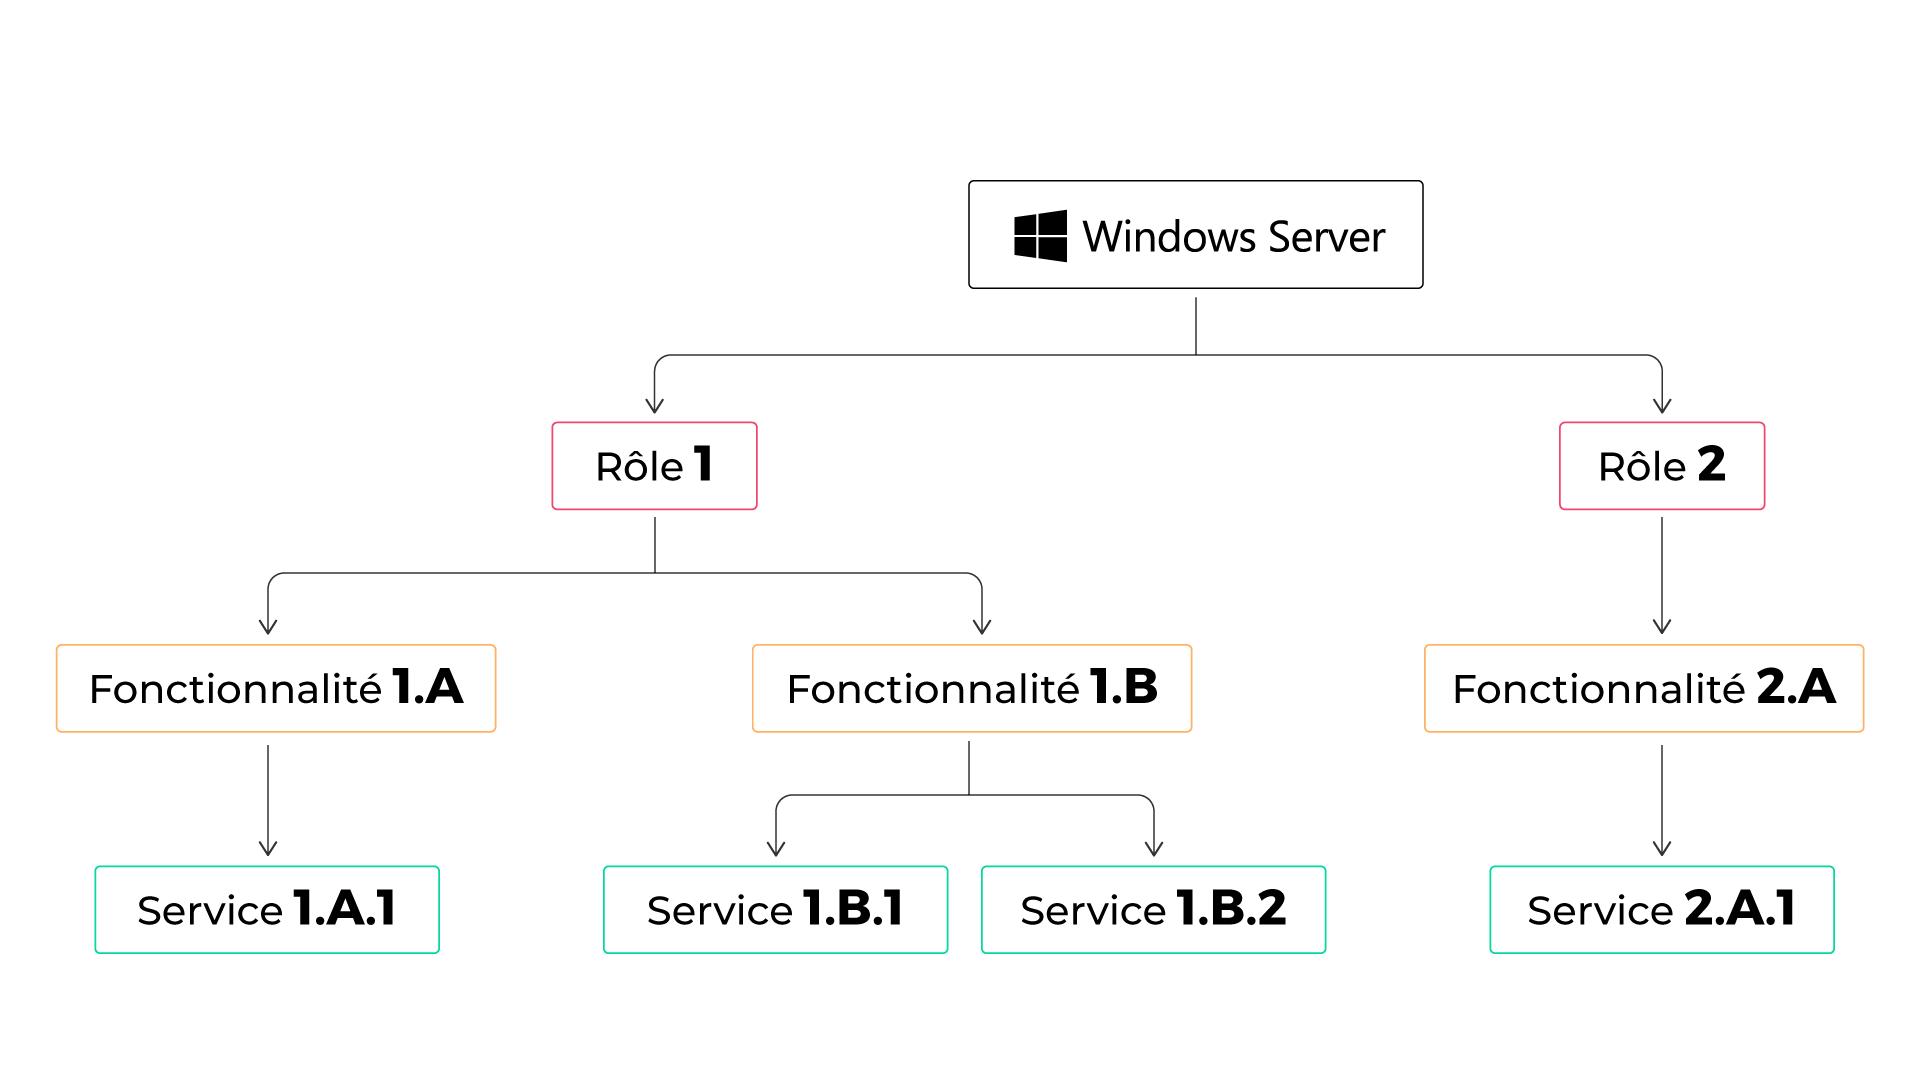 Organisation d'un serveur Windows en rôles, fonctionnalités et services